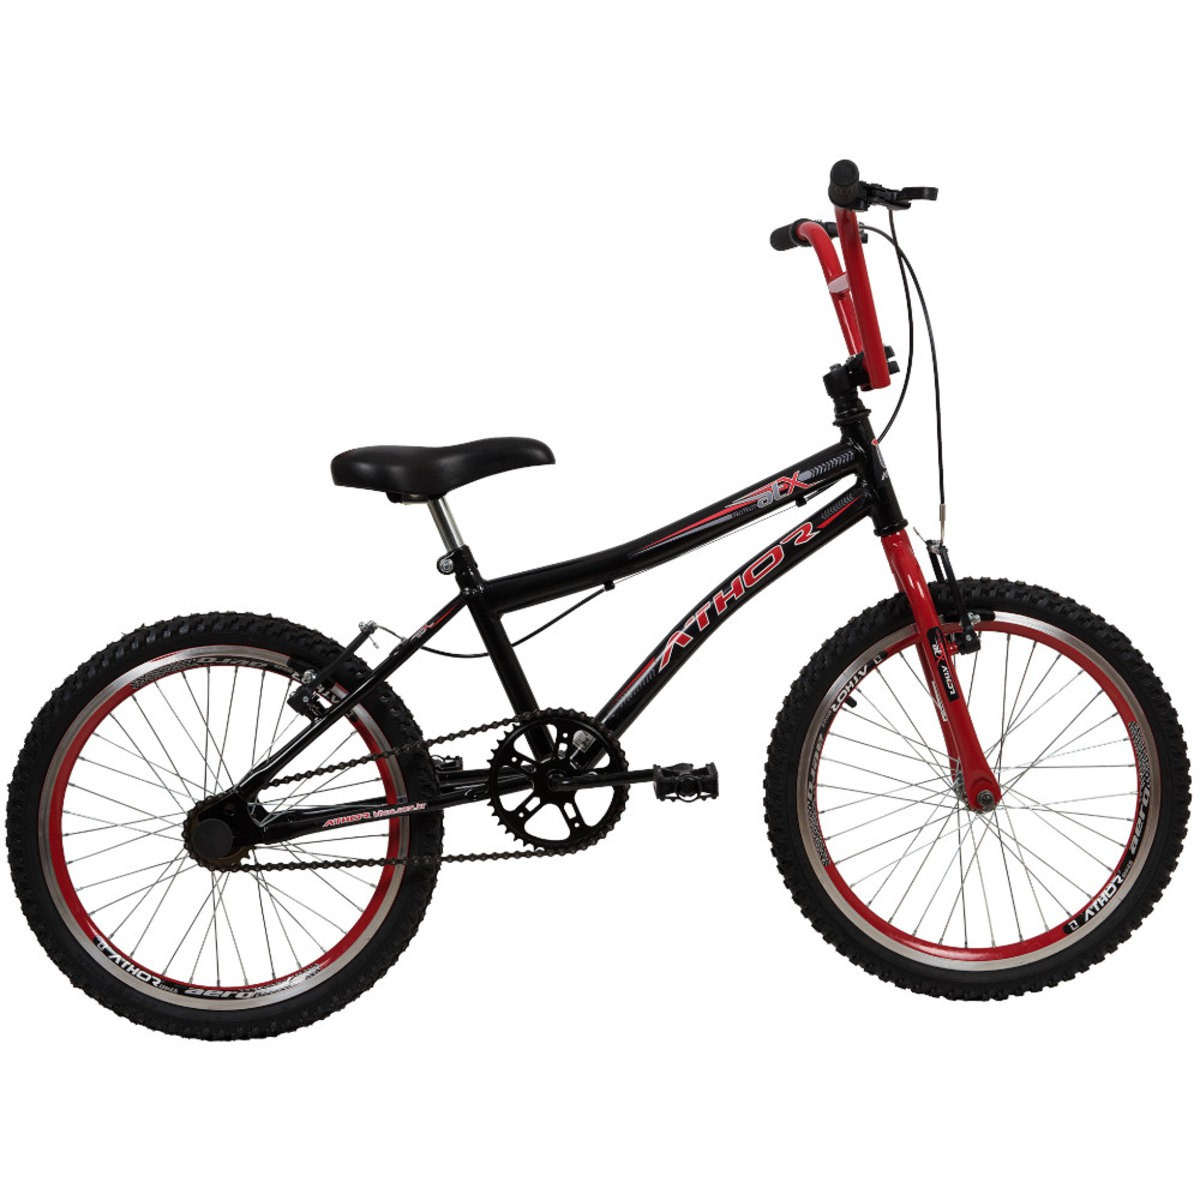 Bicicleta Aro 20 Athor ATX - Preto/Vermelho